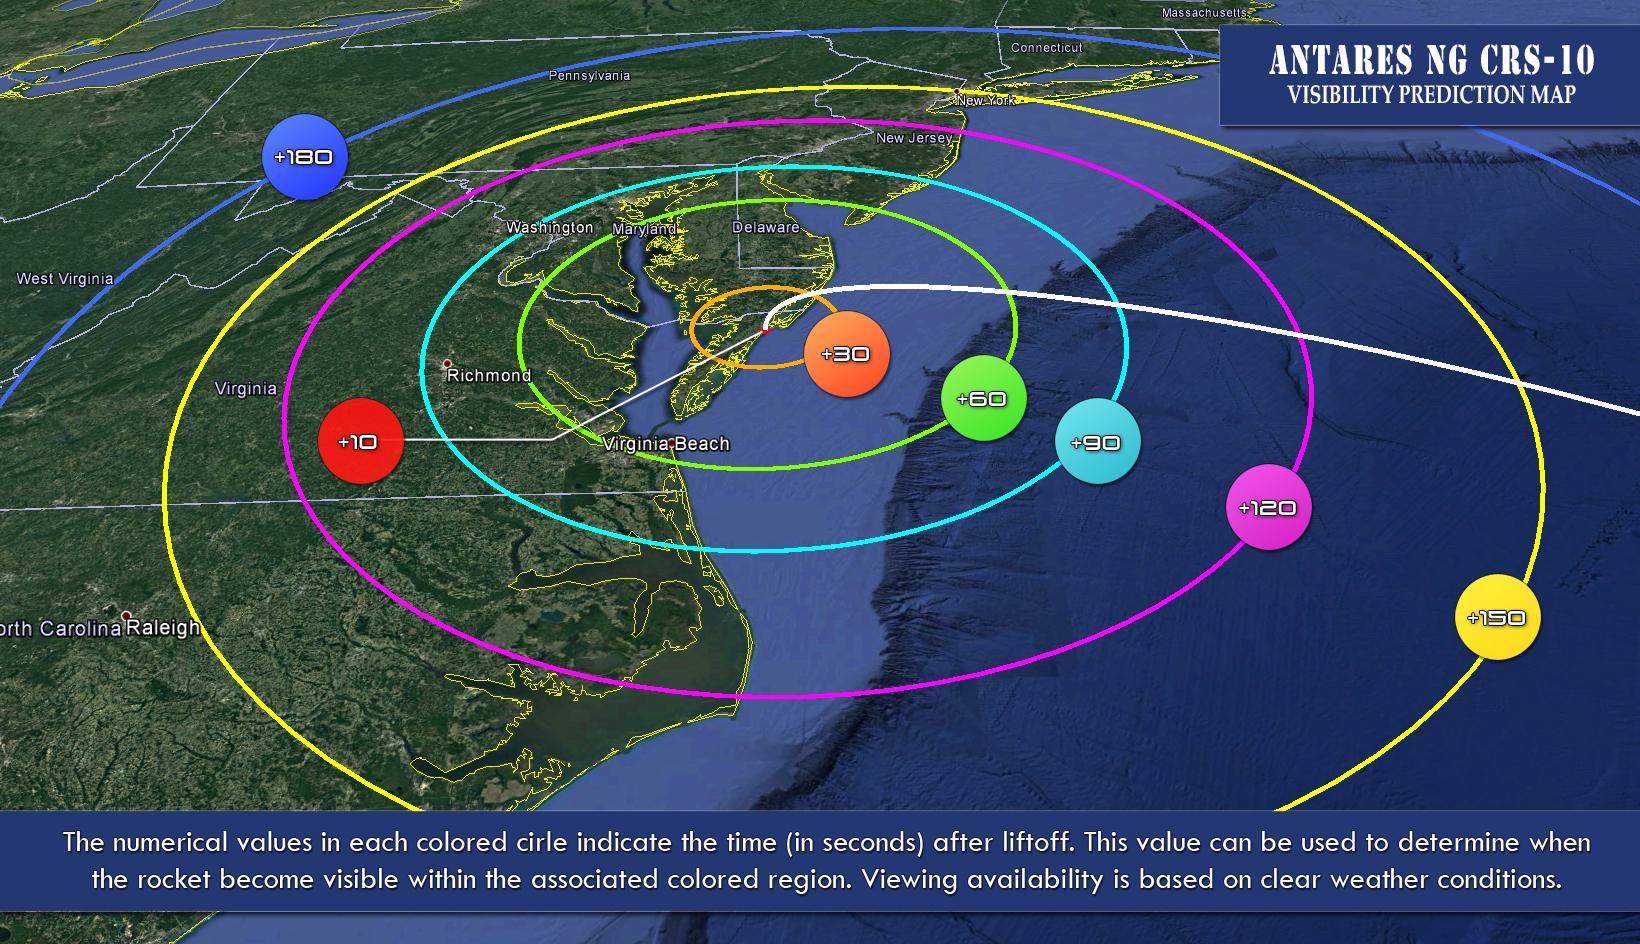 Predawn Antares Rocket Launch Saturday Will Be Visible Along